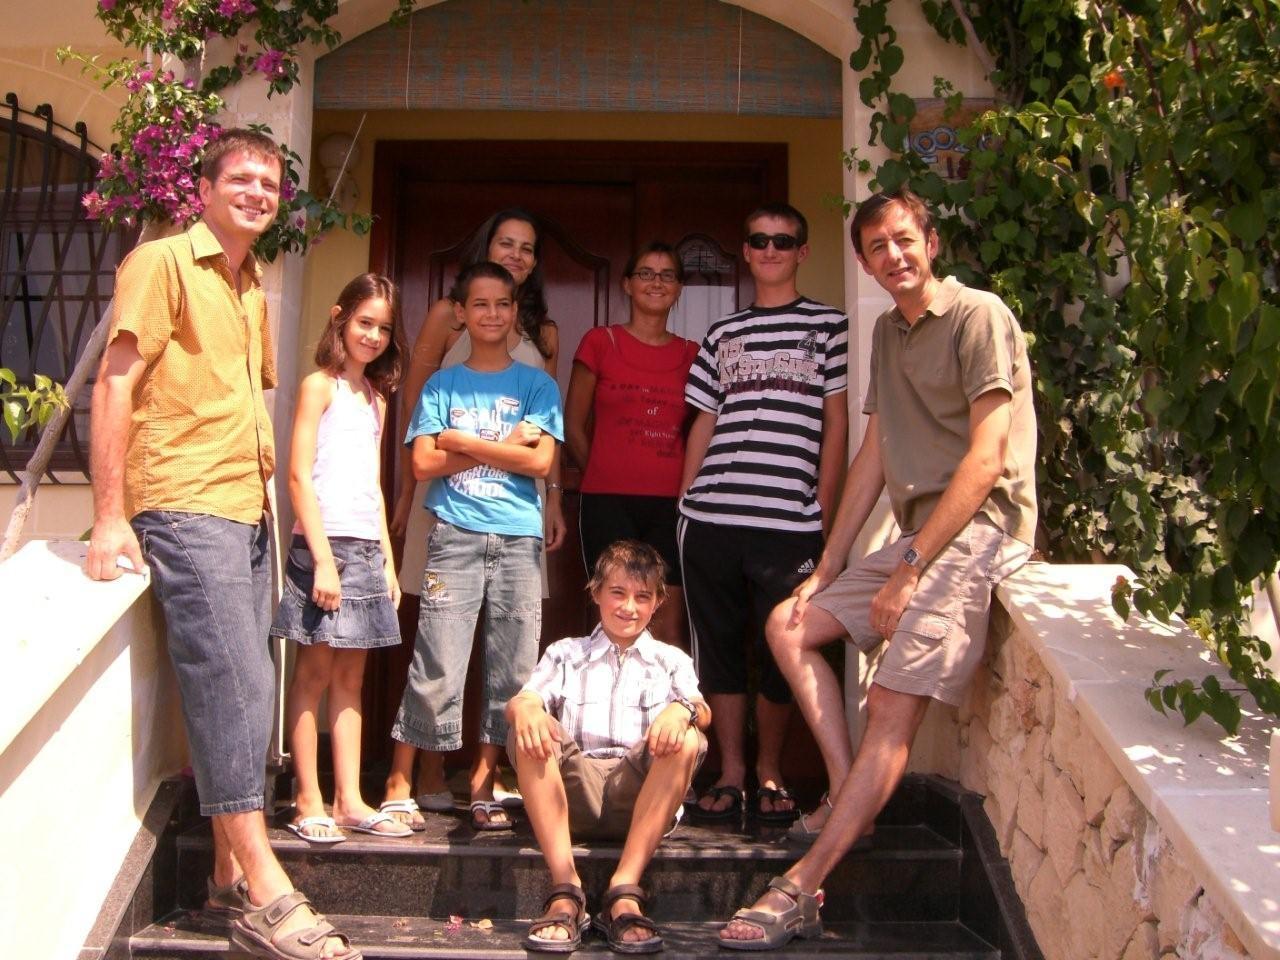 Meekers-Kipp-families1